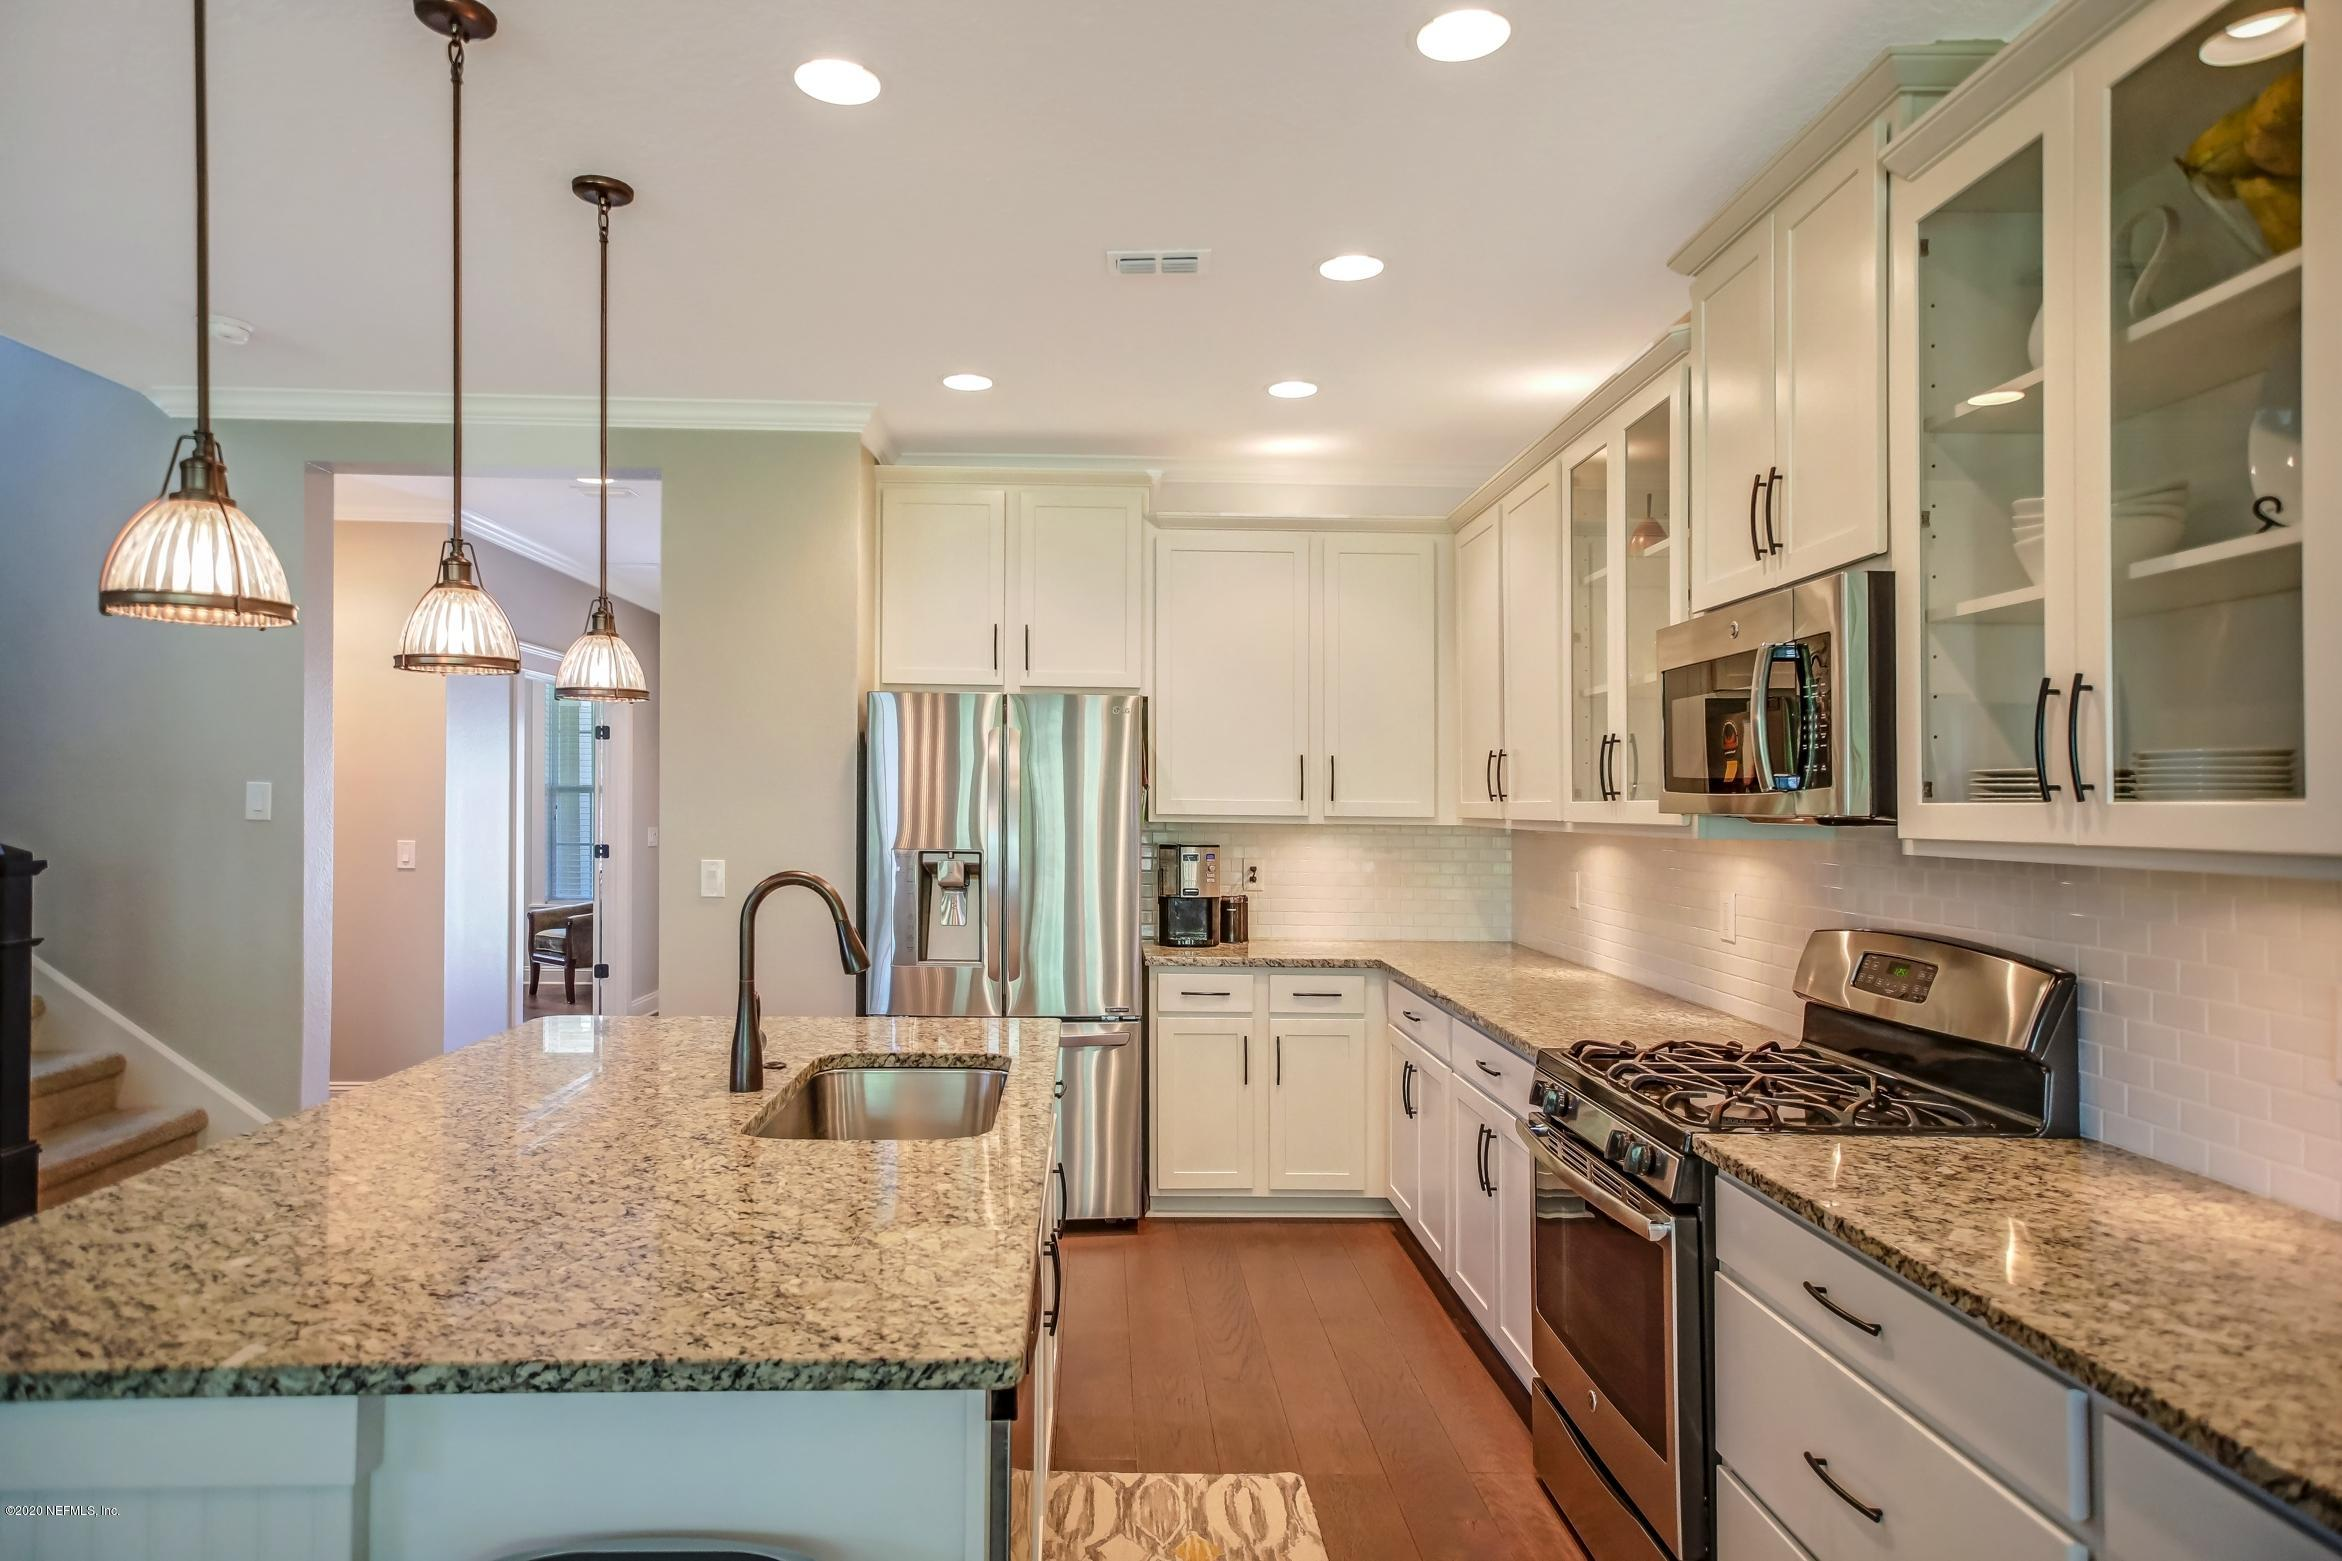 315 ASPEN LEAF, PONTE VEDRA, FLORIDA 32081, 5 Bedrooms Bedrooms, ,3 BathroomsBathrooms,Residential,For sale,ASPEN LEAF,1063118